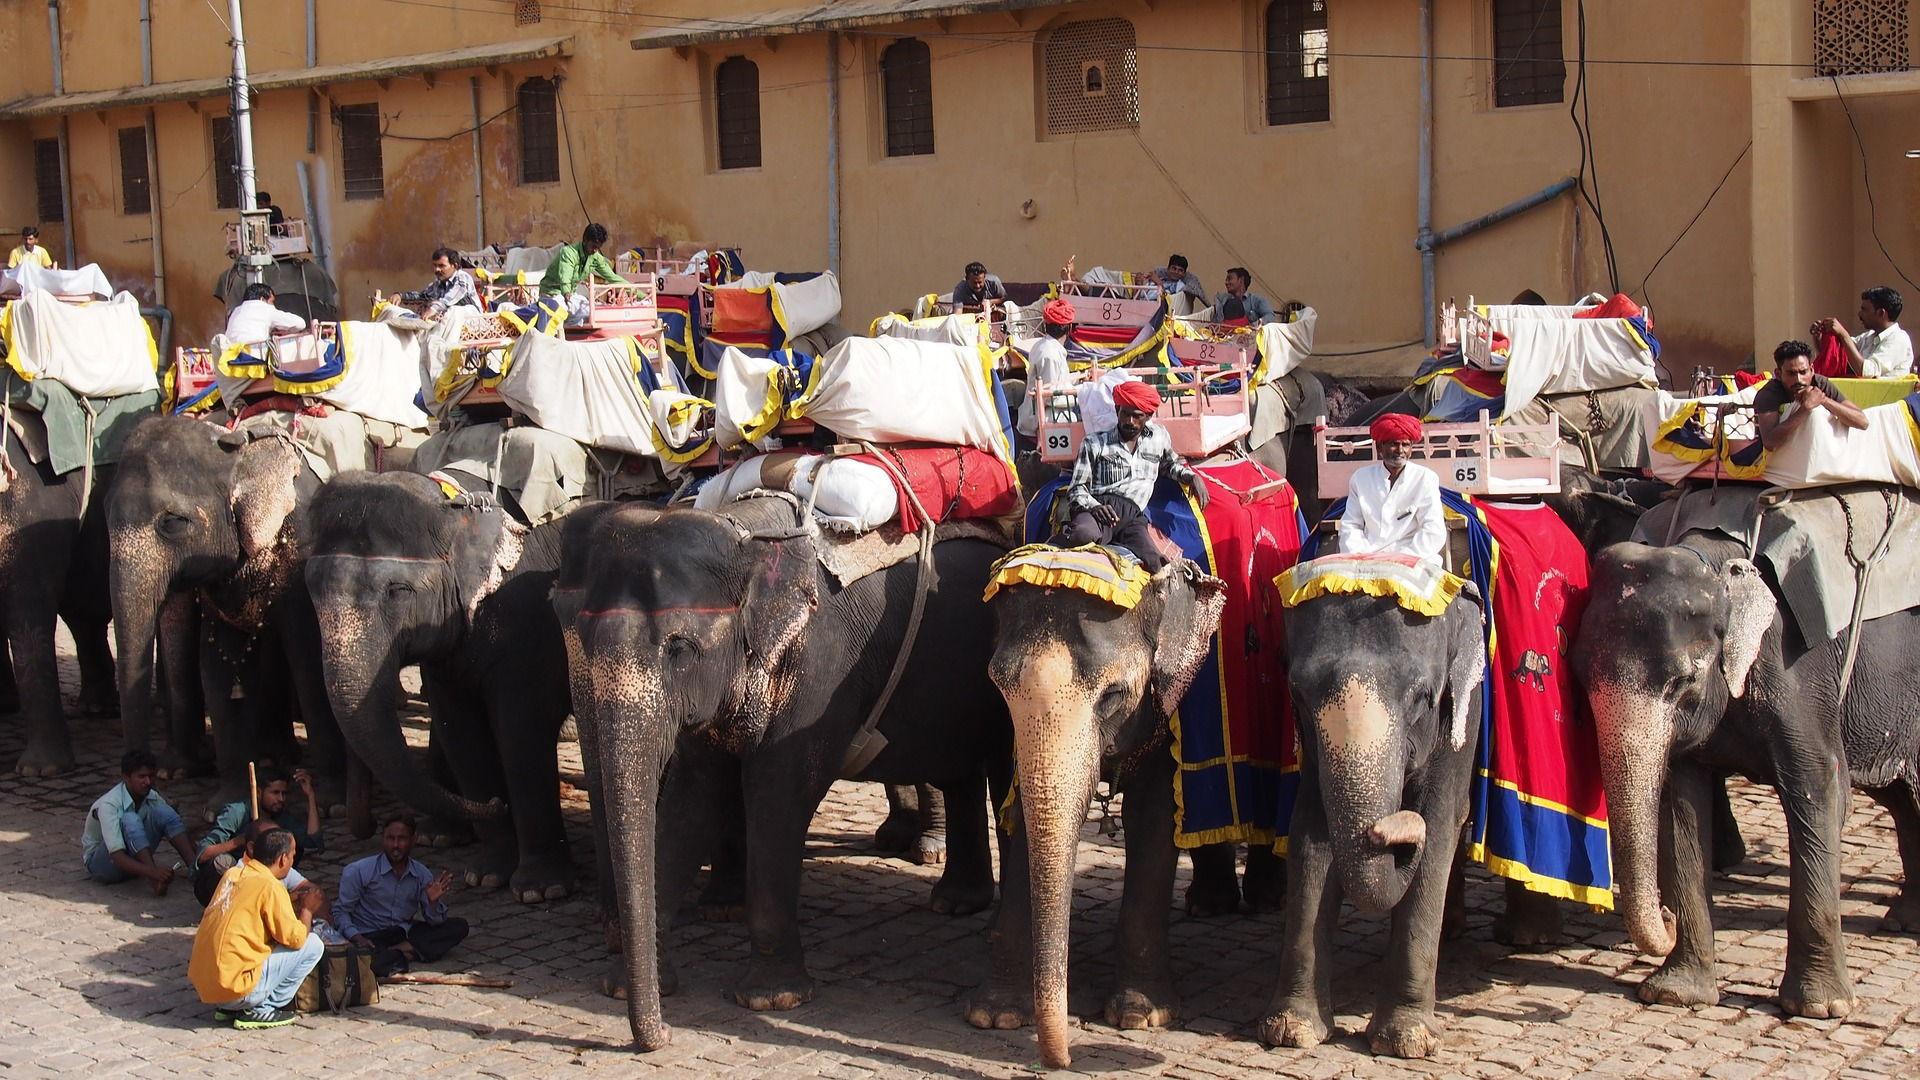 voluntariado con animales en jaipur